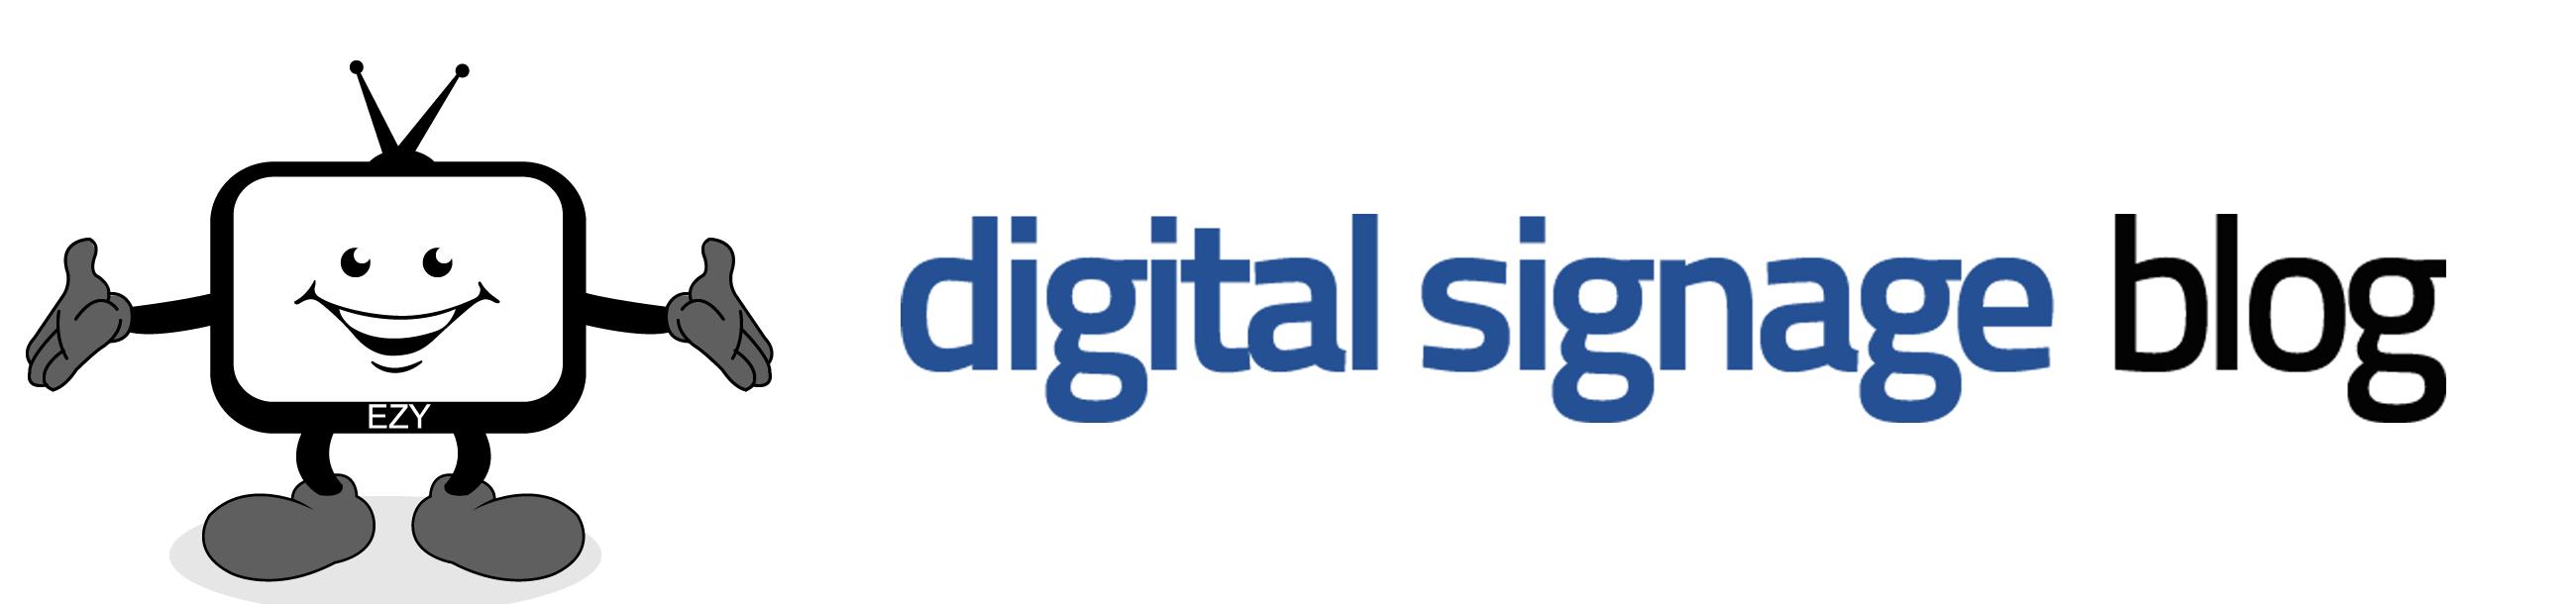 digital-signage-blog